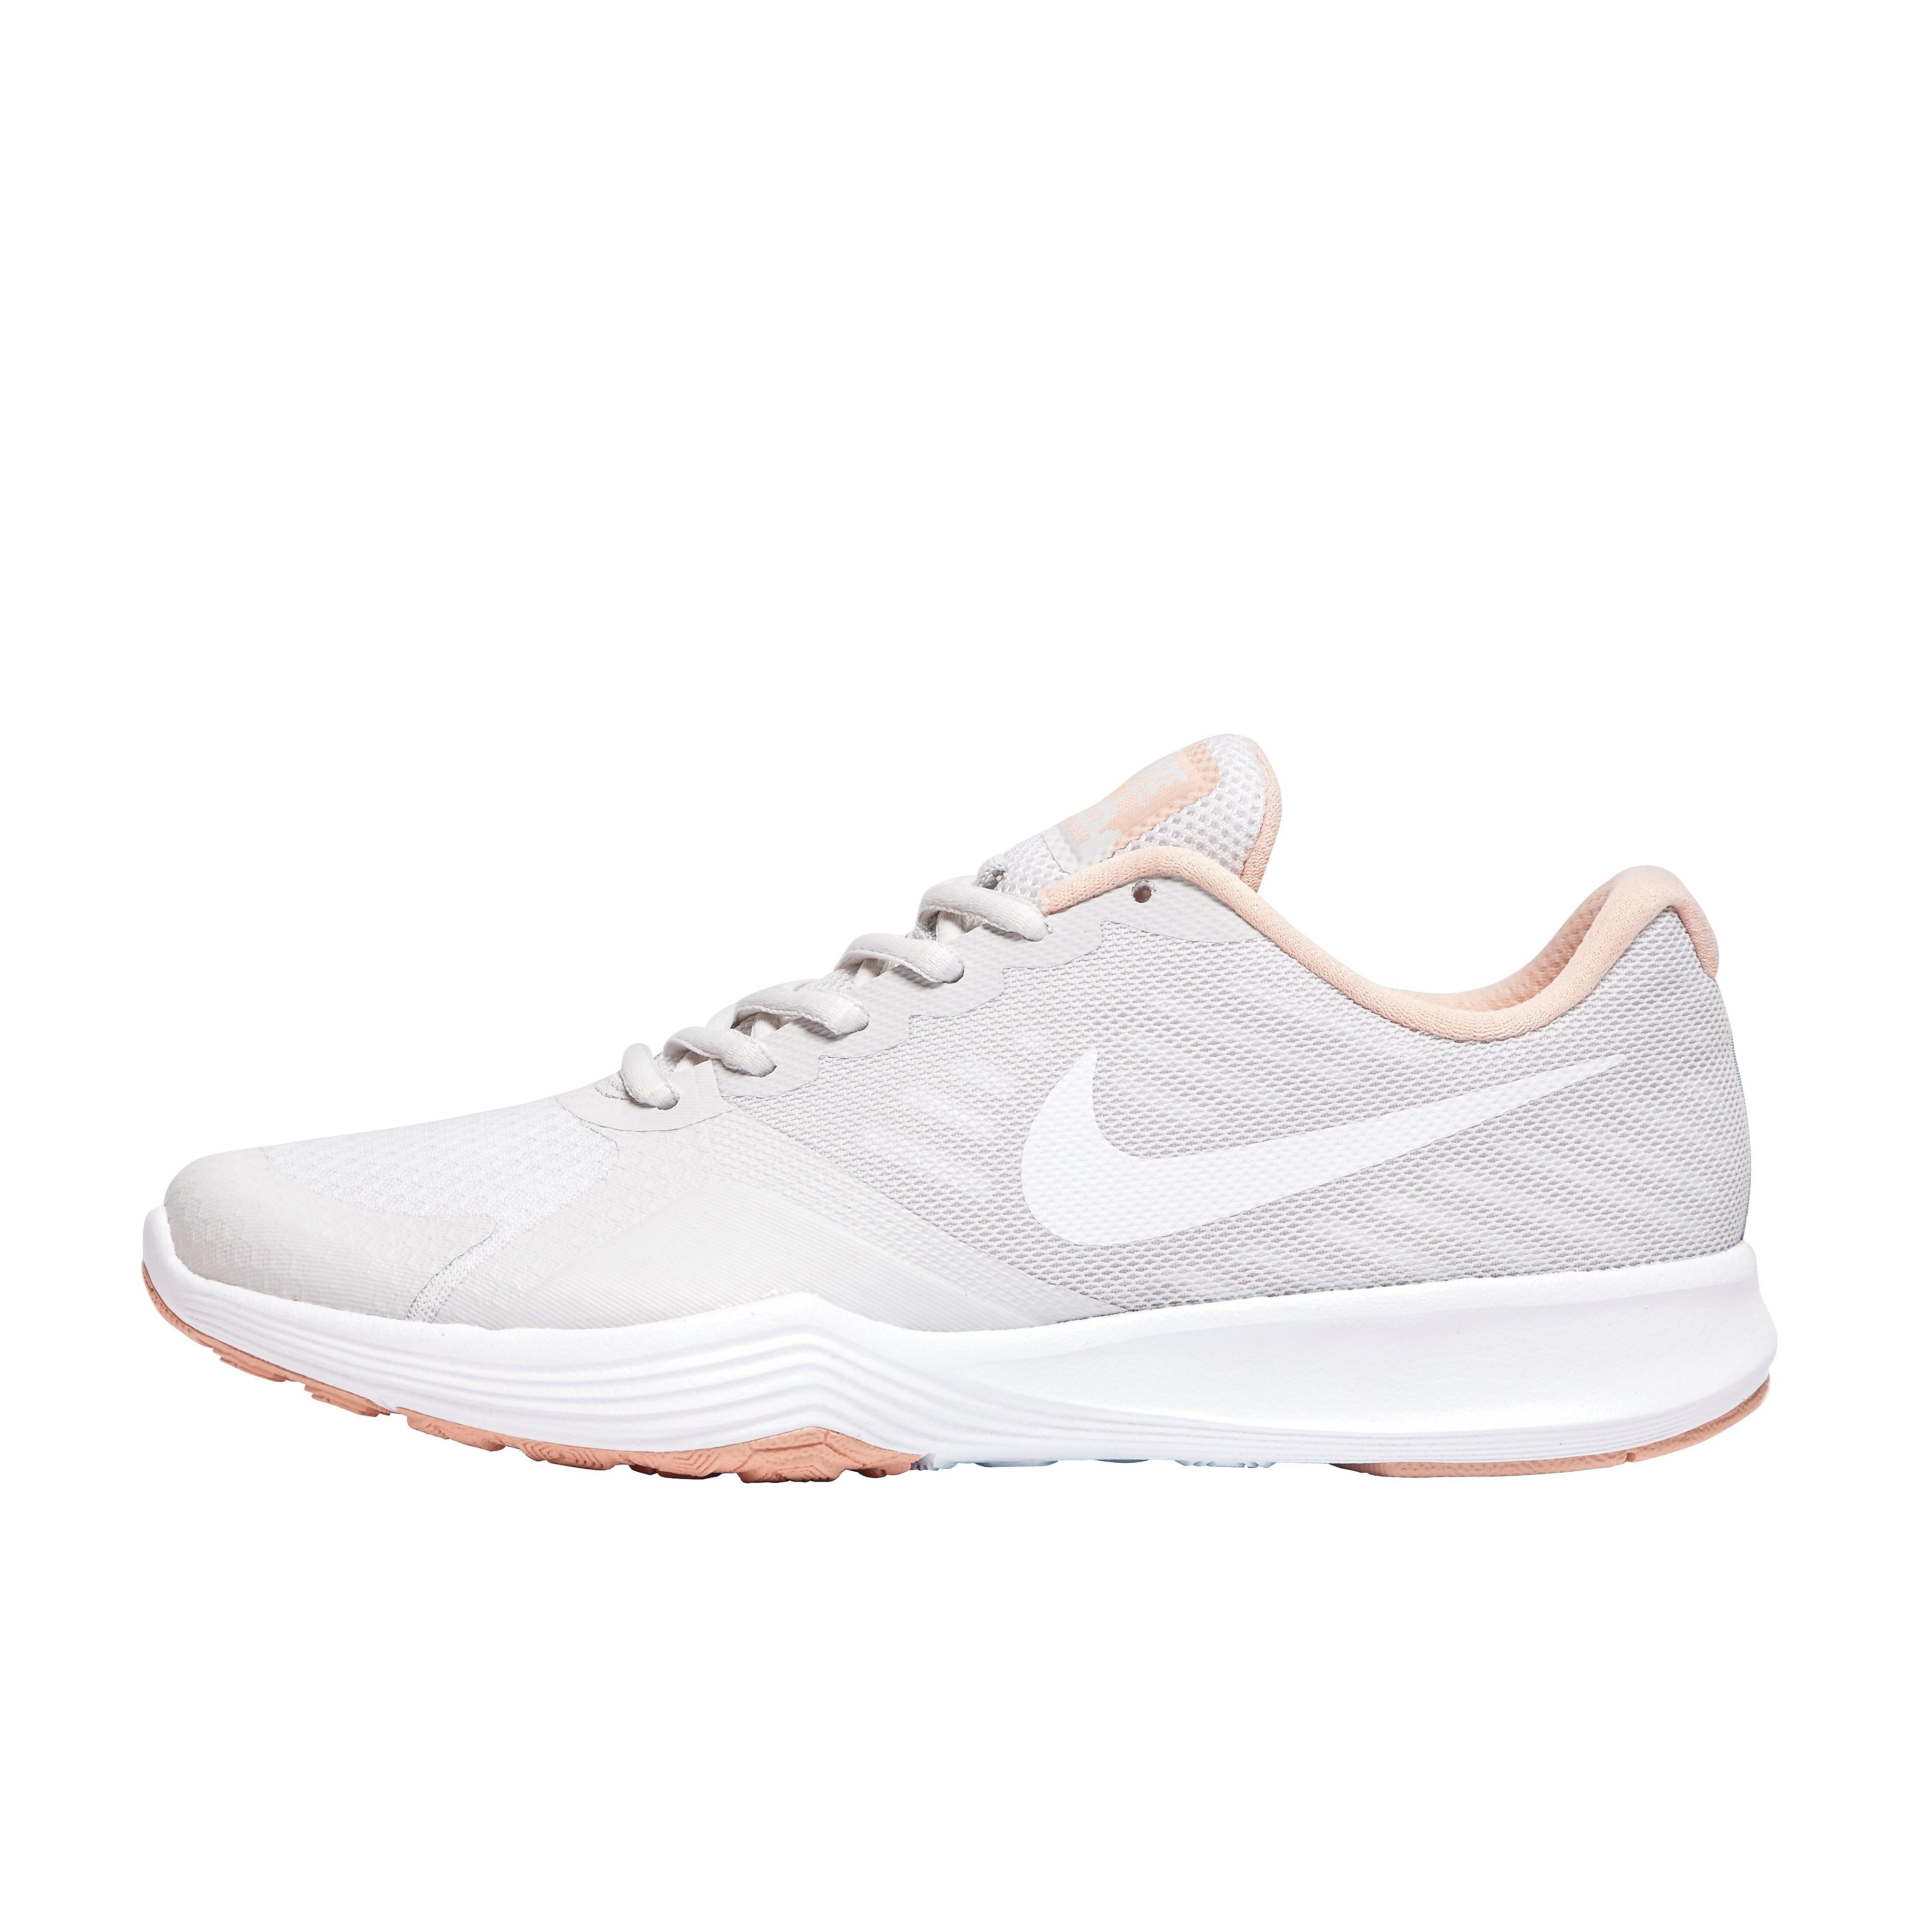 Nike City Training Women's Shoes